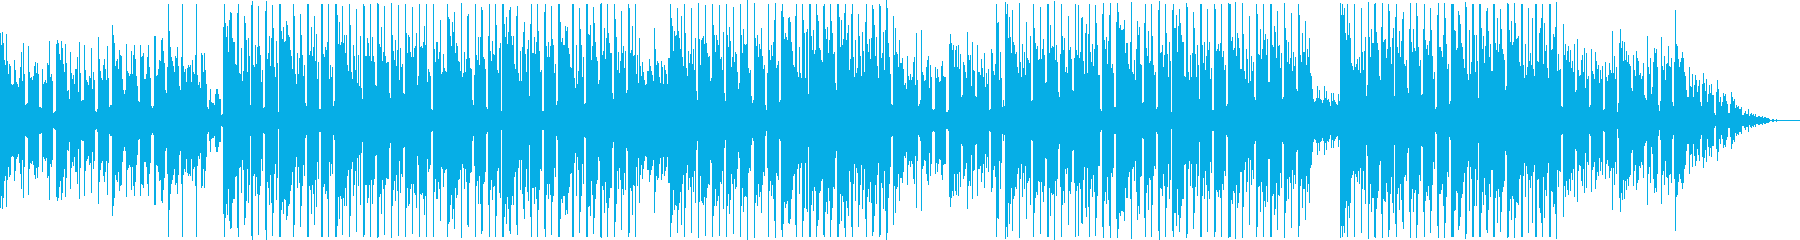 ノイズの音が心地よいLofiHiphopの再生済みの波形